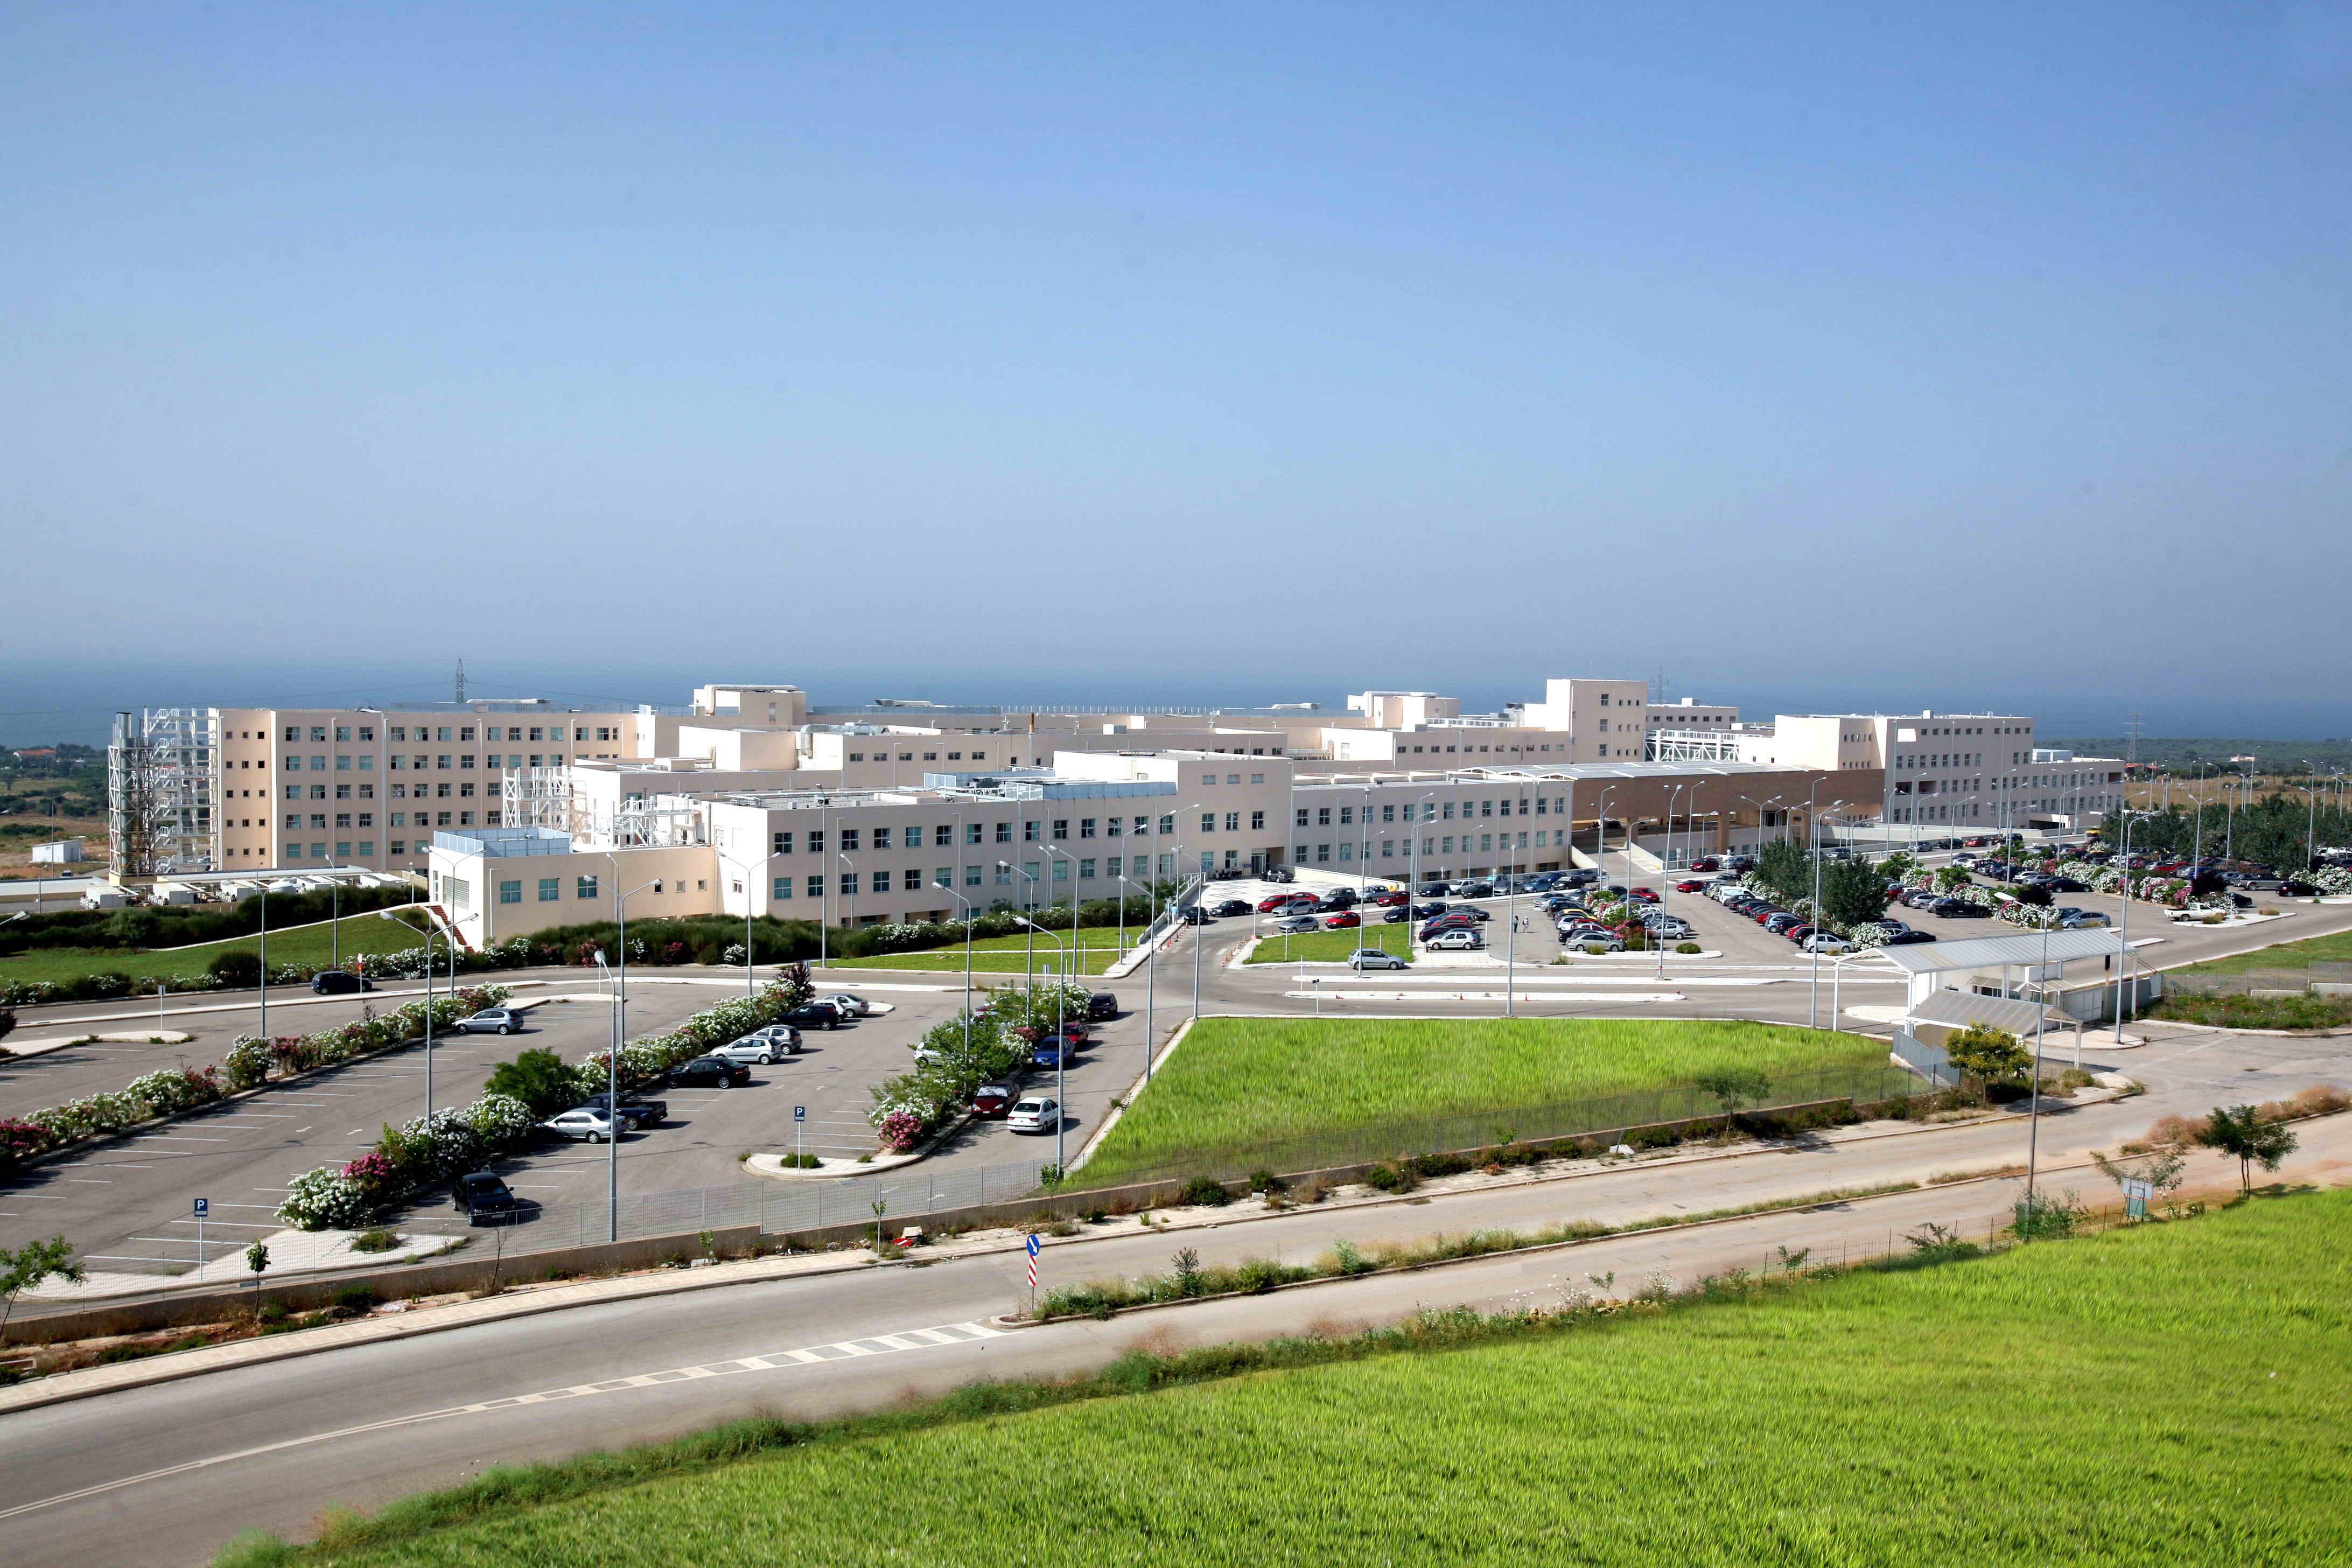 Εξοικονόμηση 500.000 ευρώ το έτος μέσω ΑΠΕ για το Πανεπιστημιακό Γενικό Νοσοκομείο Έβρου